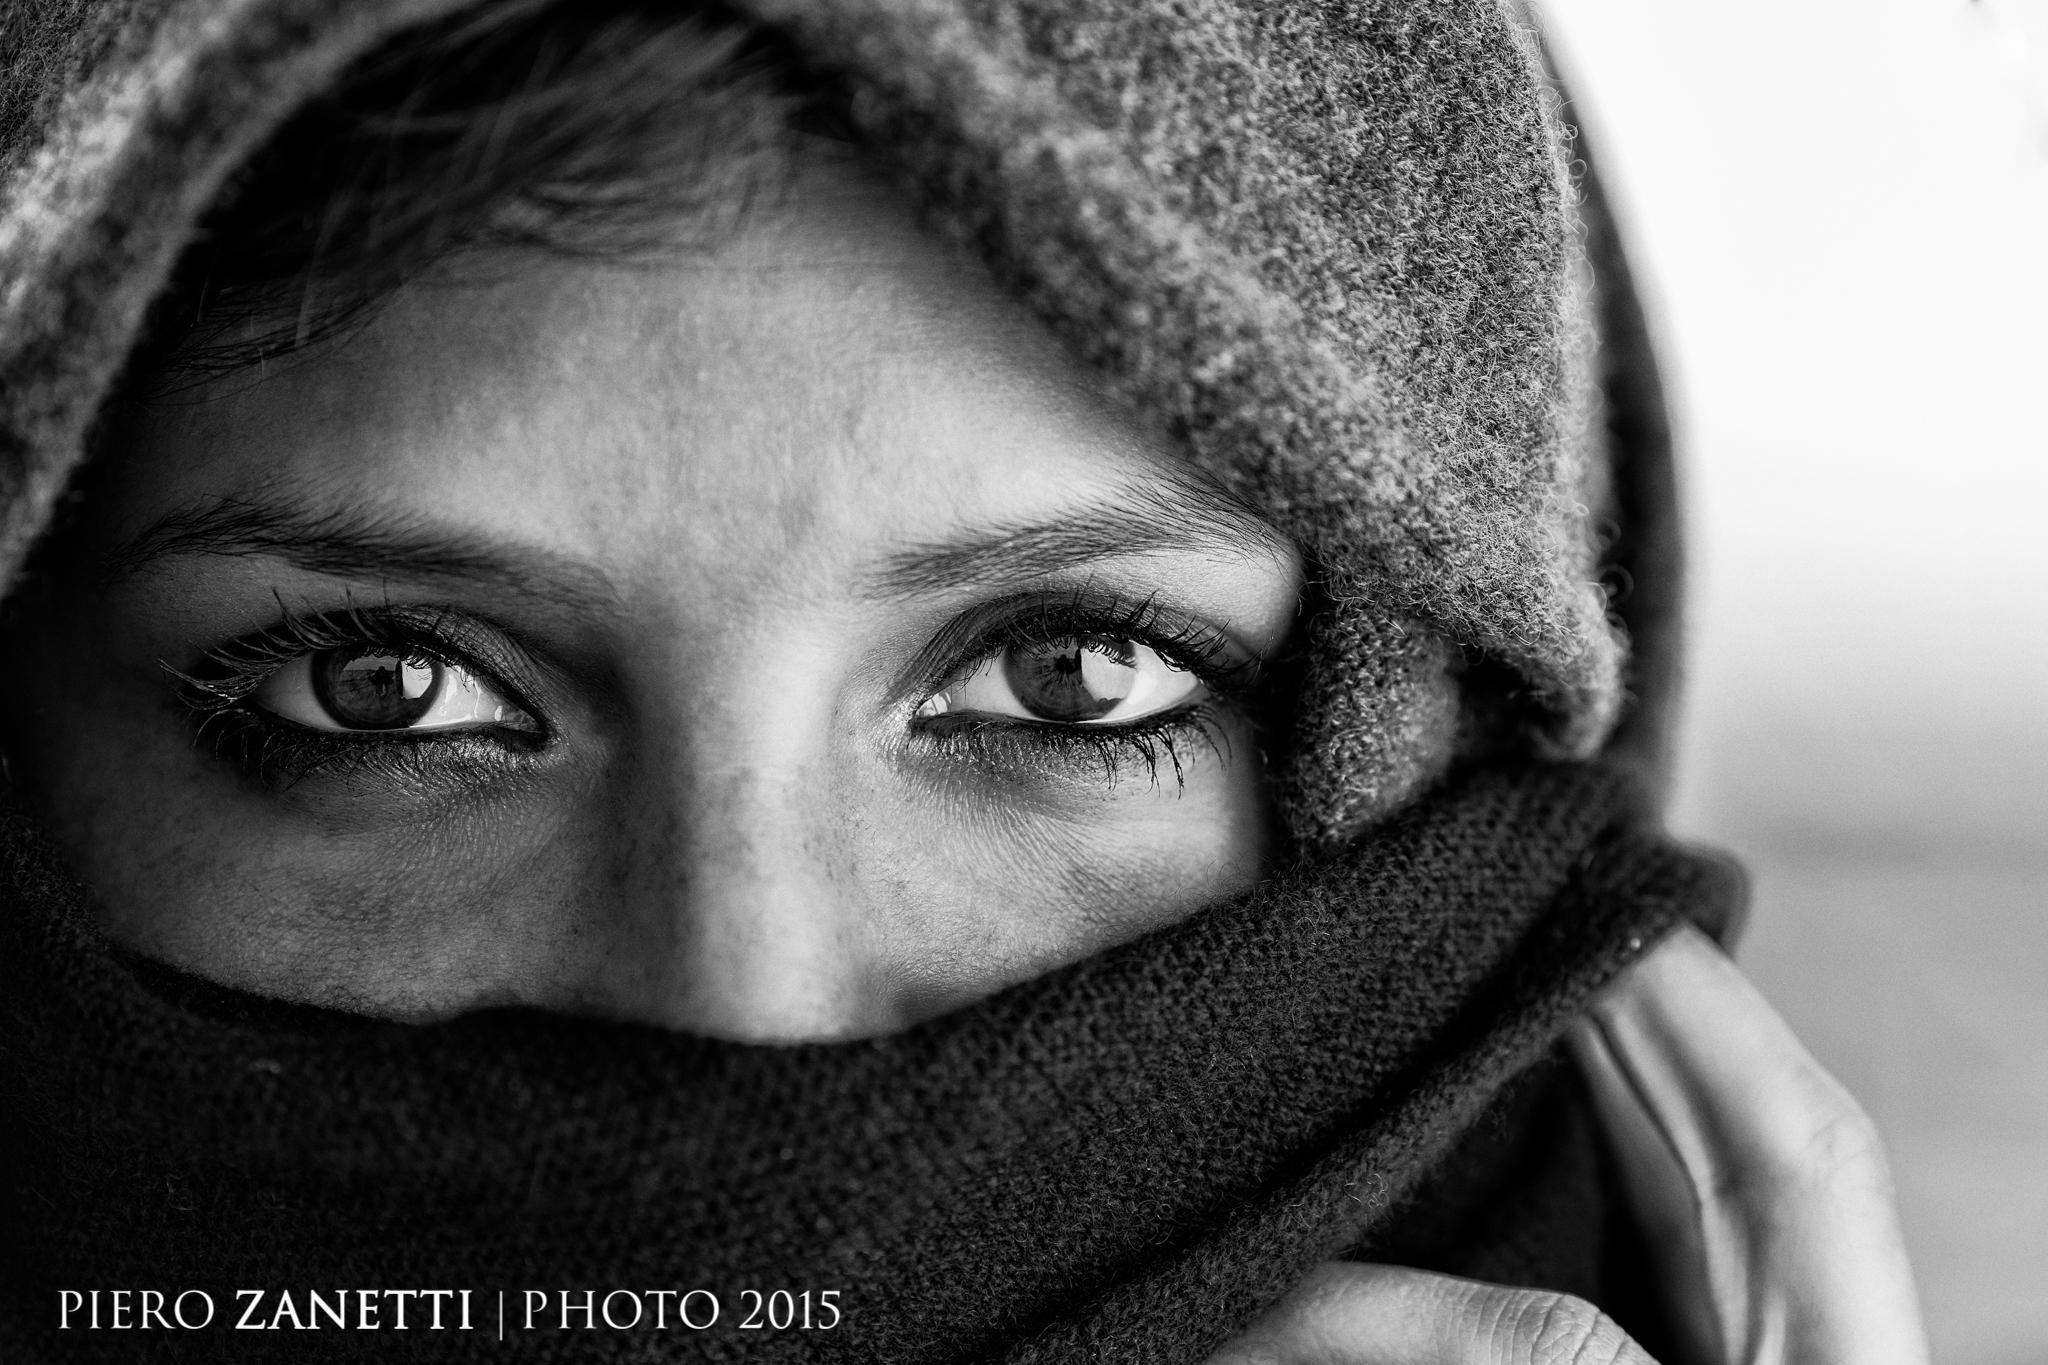 Eyes b/w...